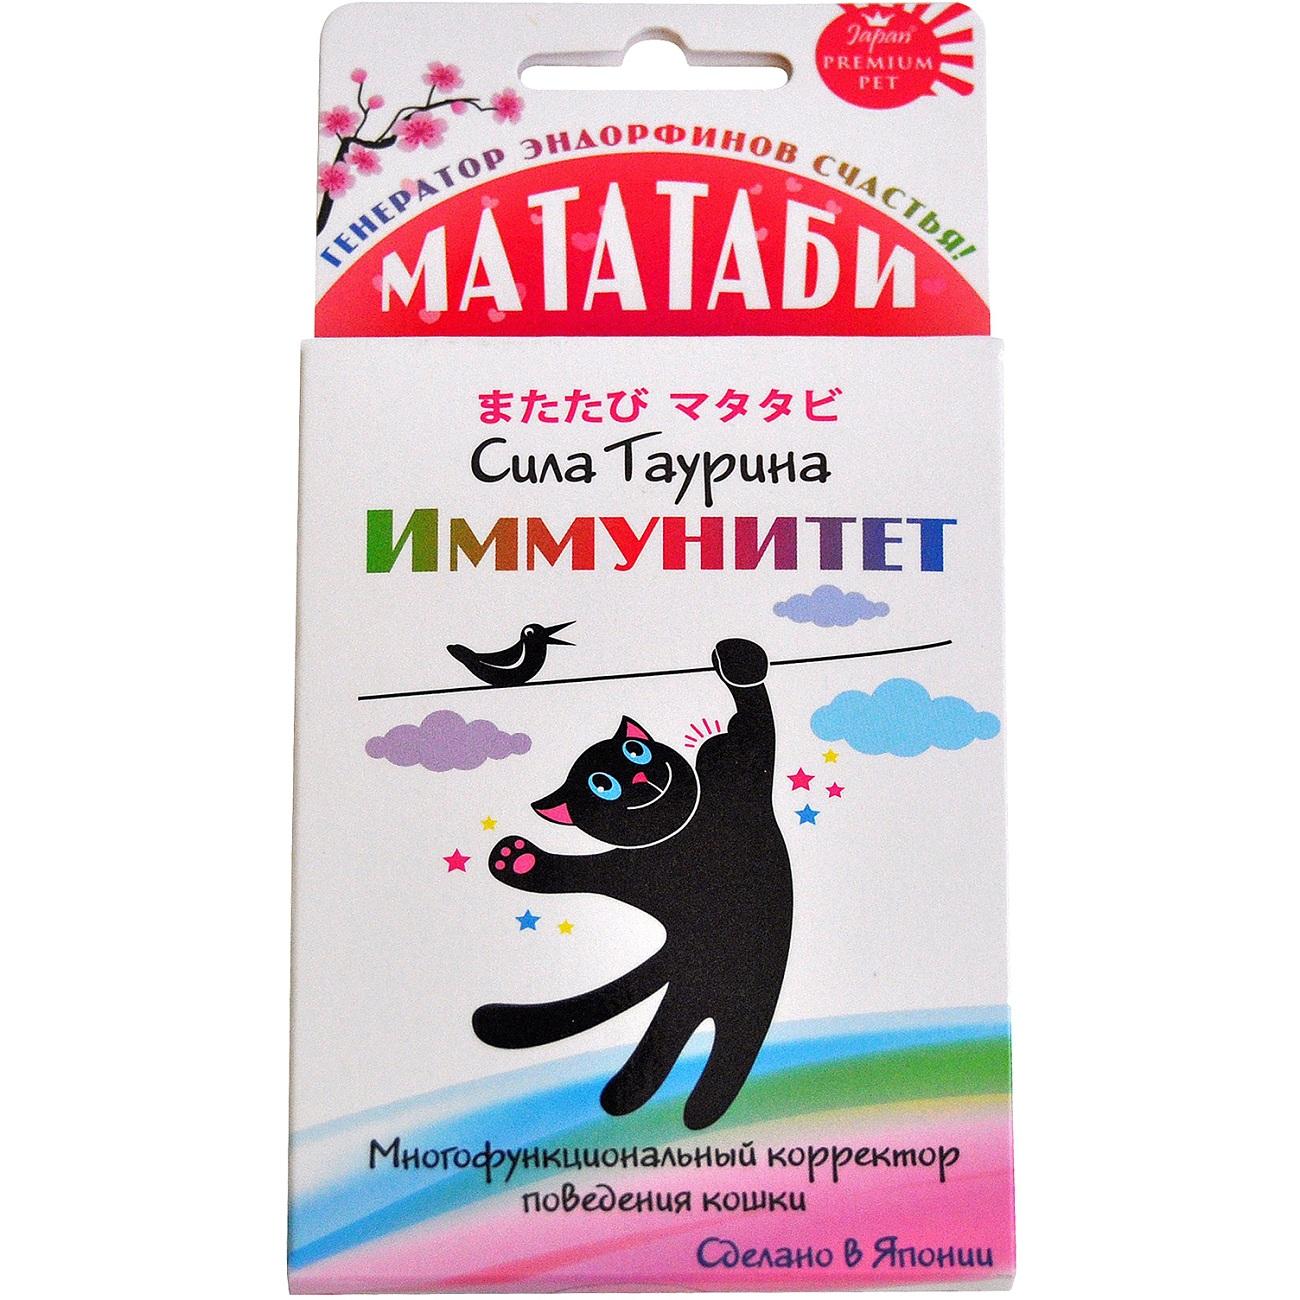 Средство Japan premium pet Мататаби Сила Таурина для иммунитета кошек 1 г